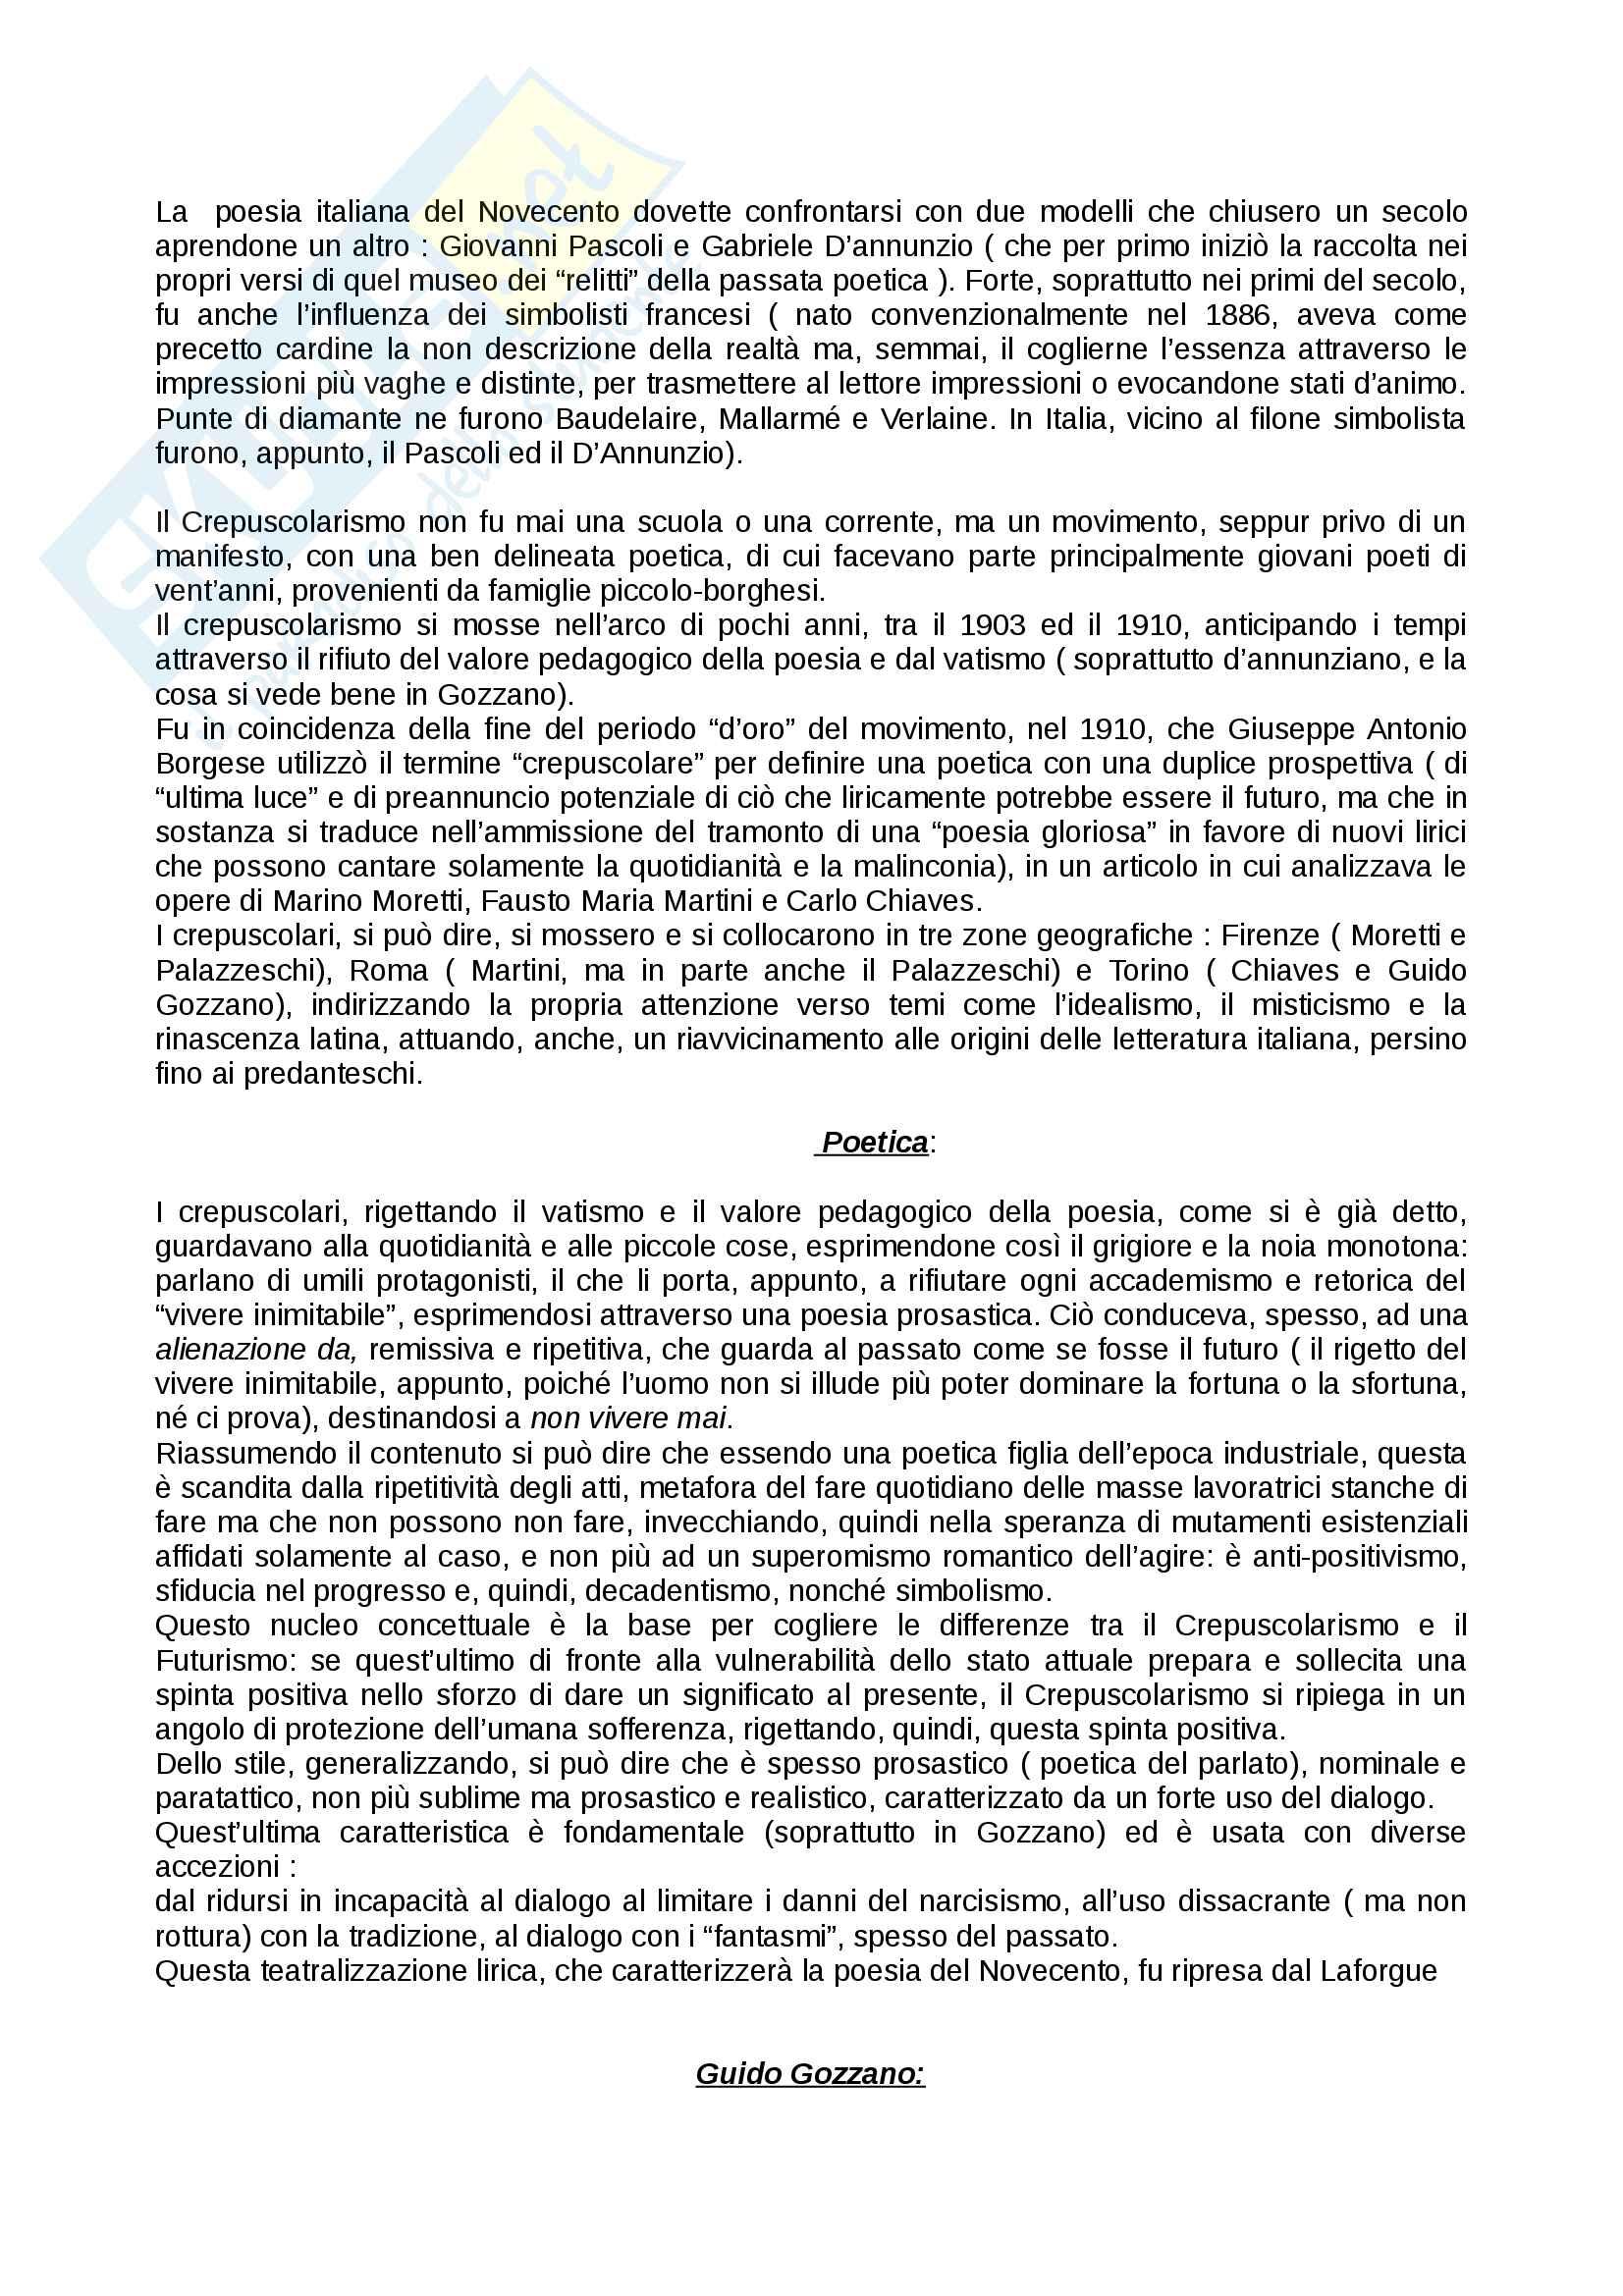 Crepuscolarismo e Guido Gozzano